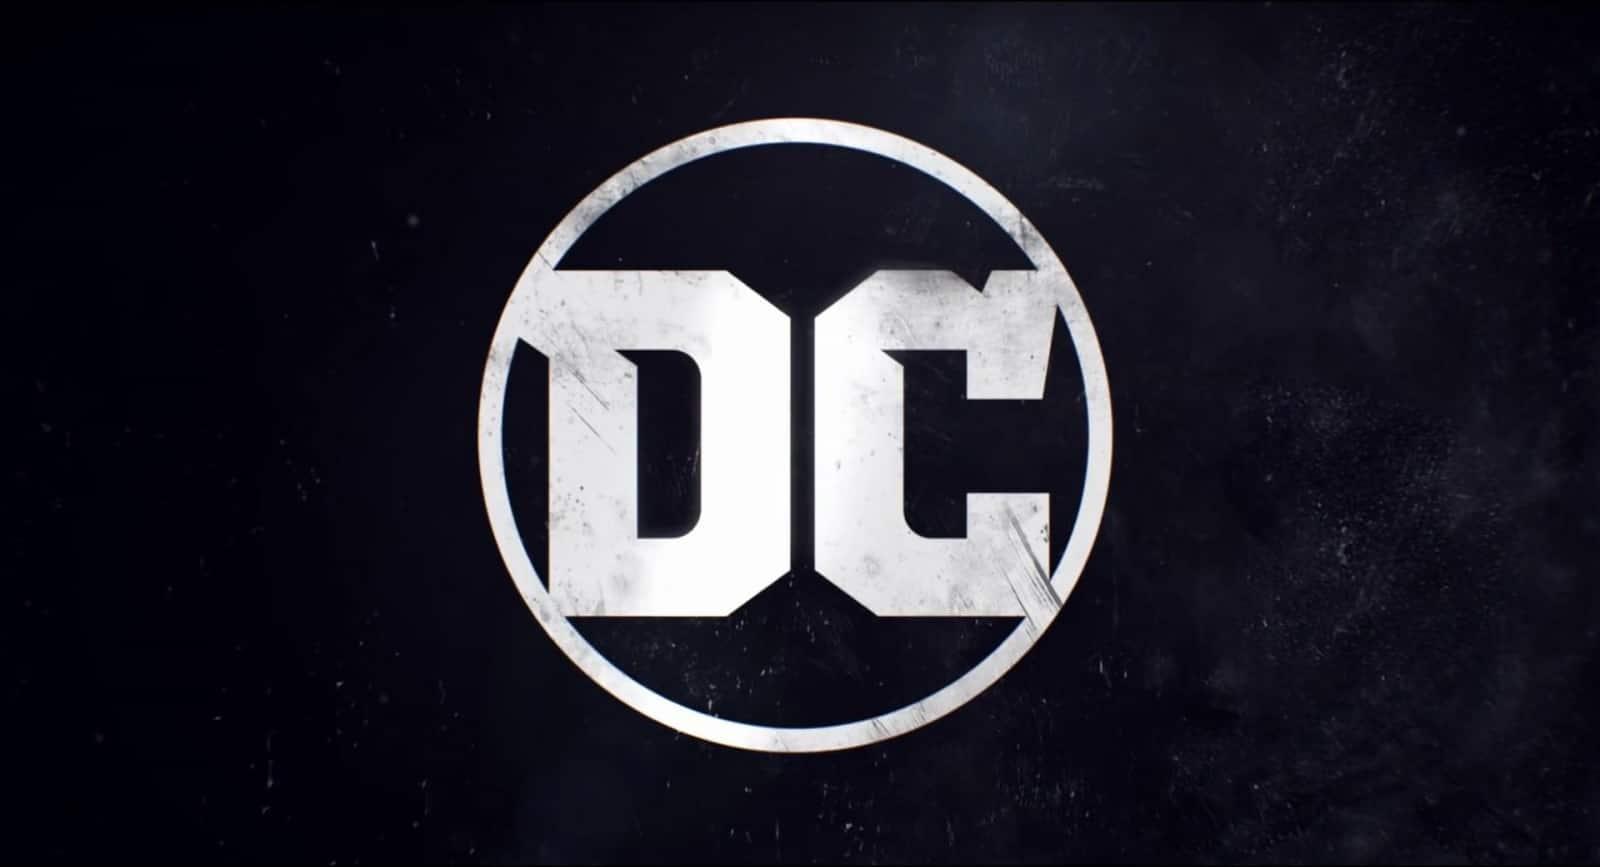 A DC realizará um evento multimídia online 3